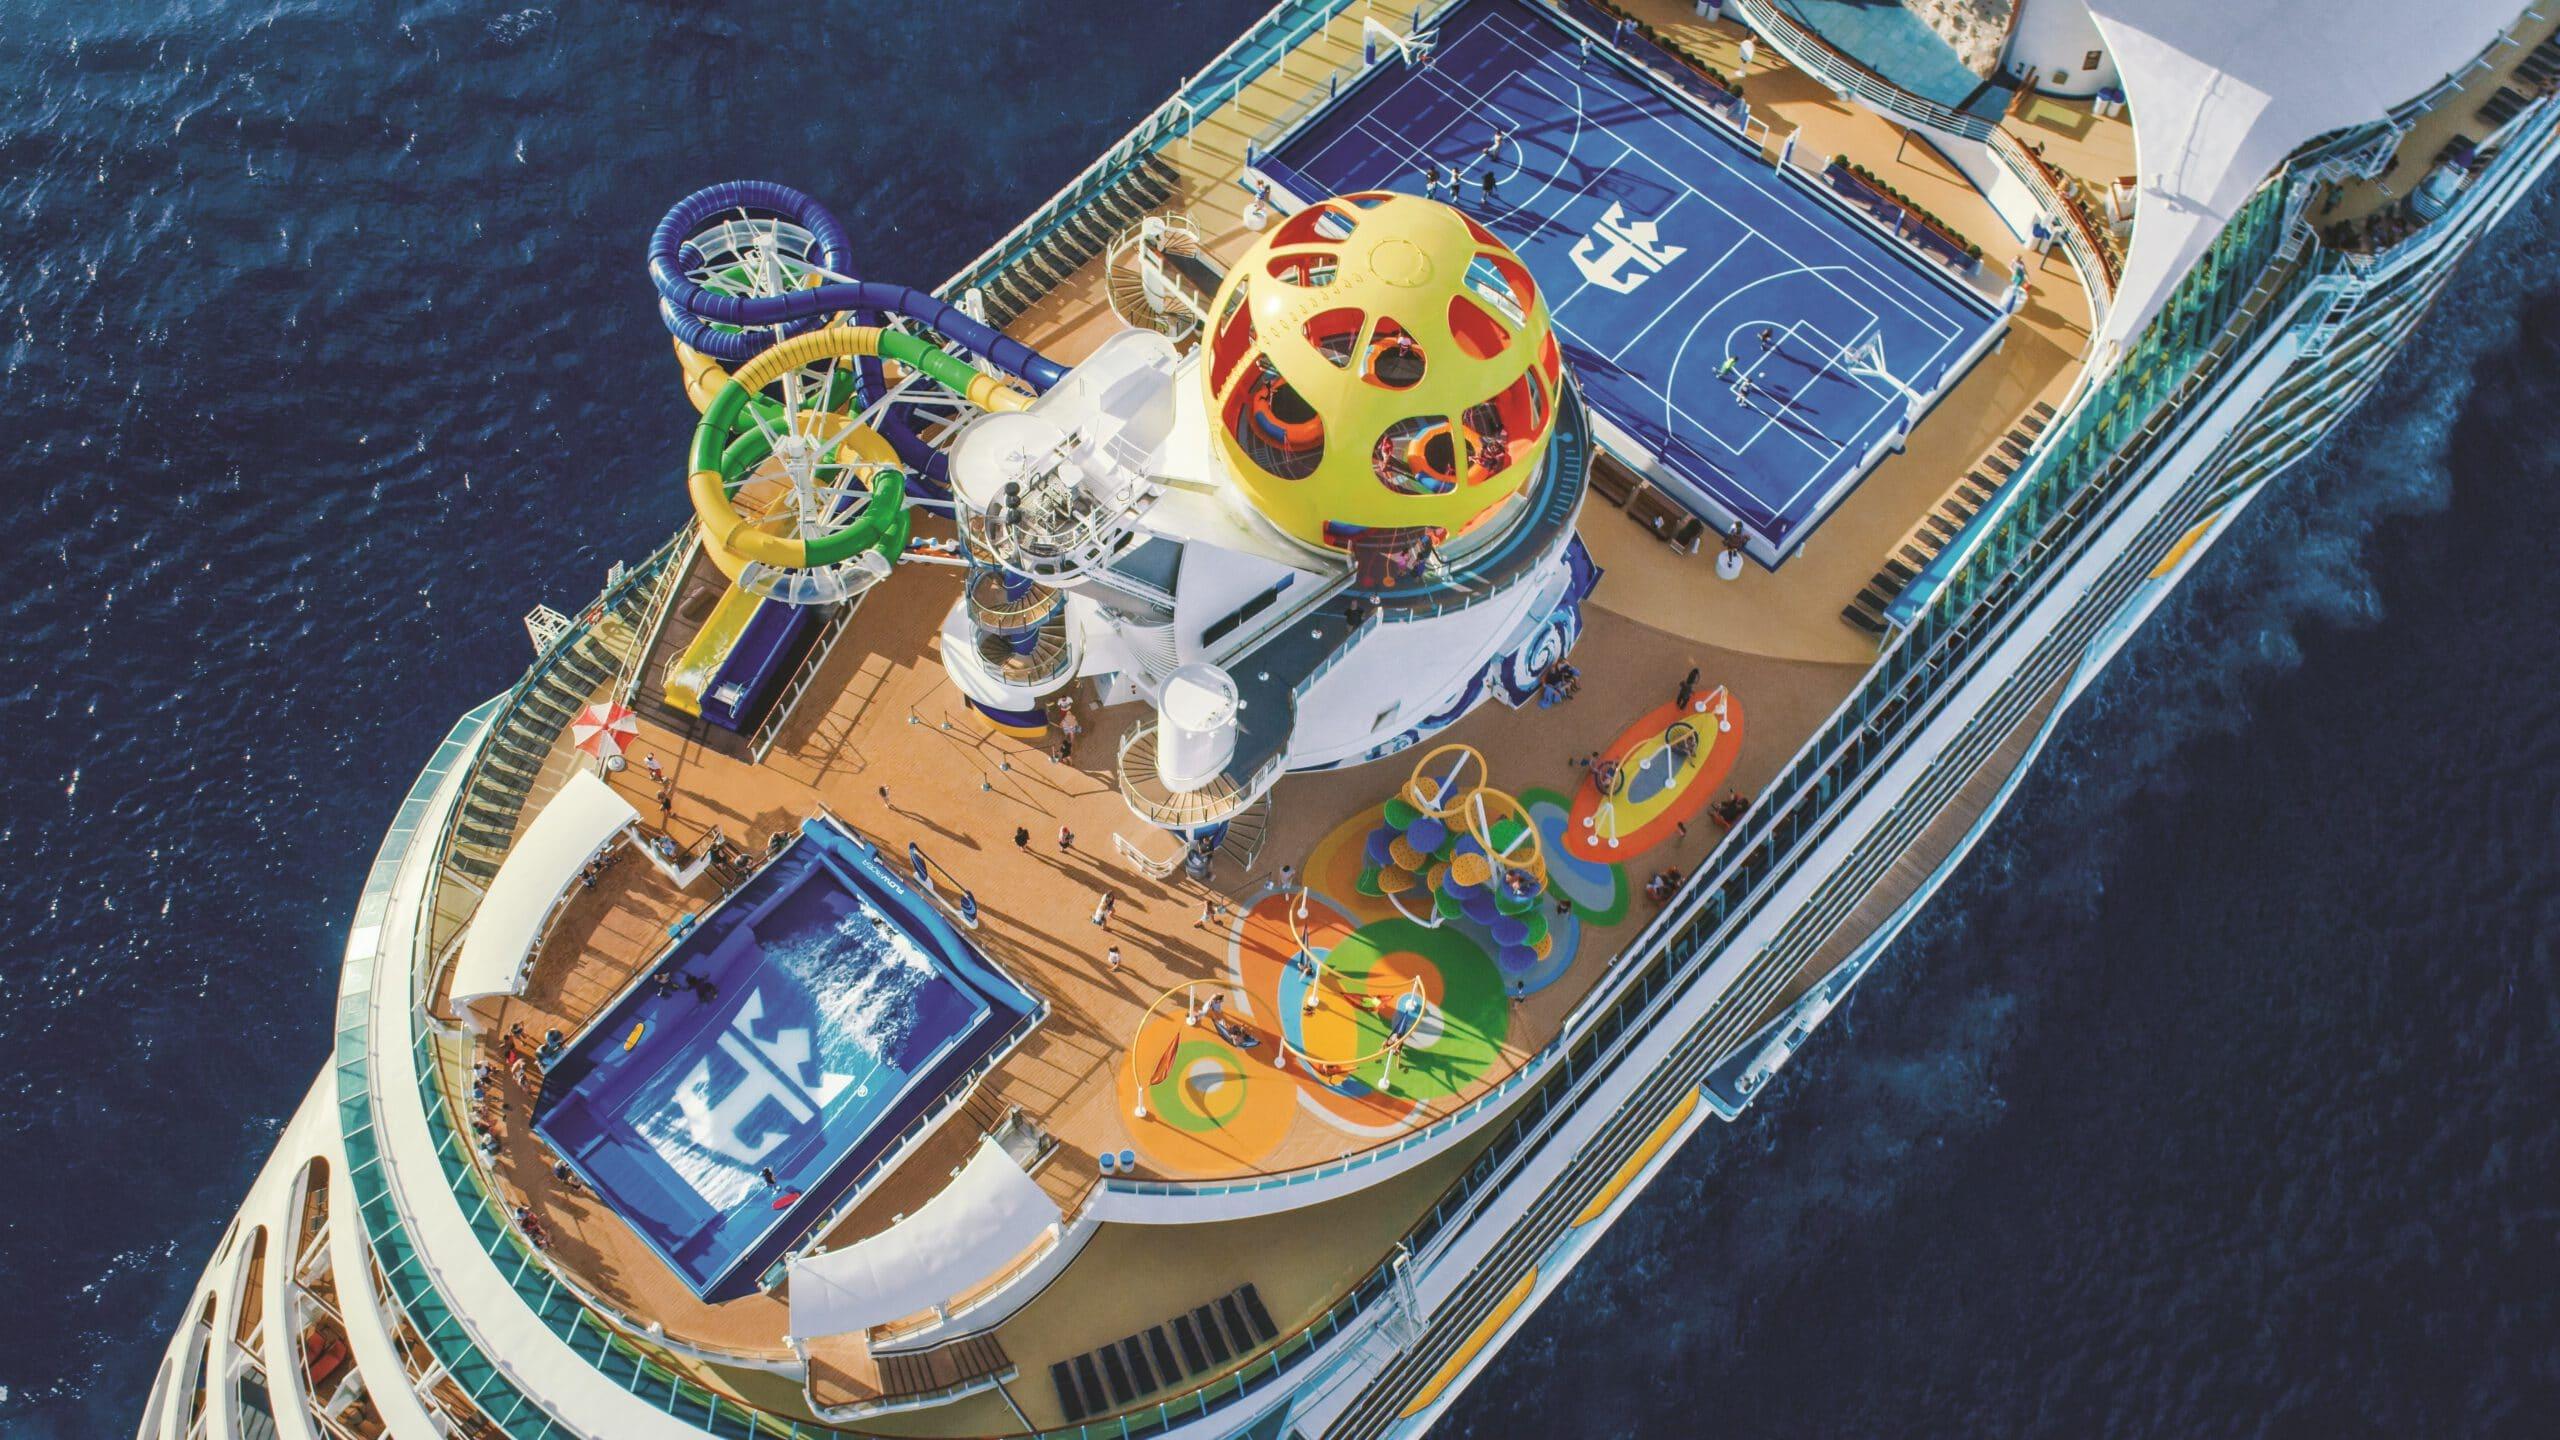 Cruiseschip-Adventure of the Seas-Royal Caribbean International-Schip